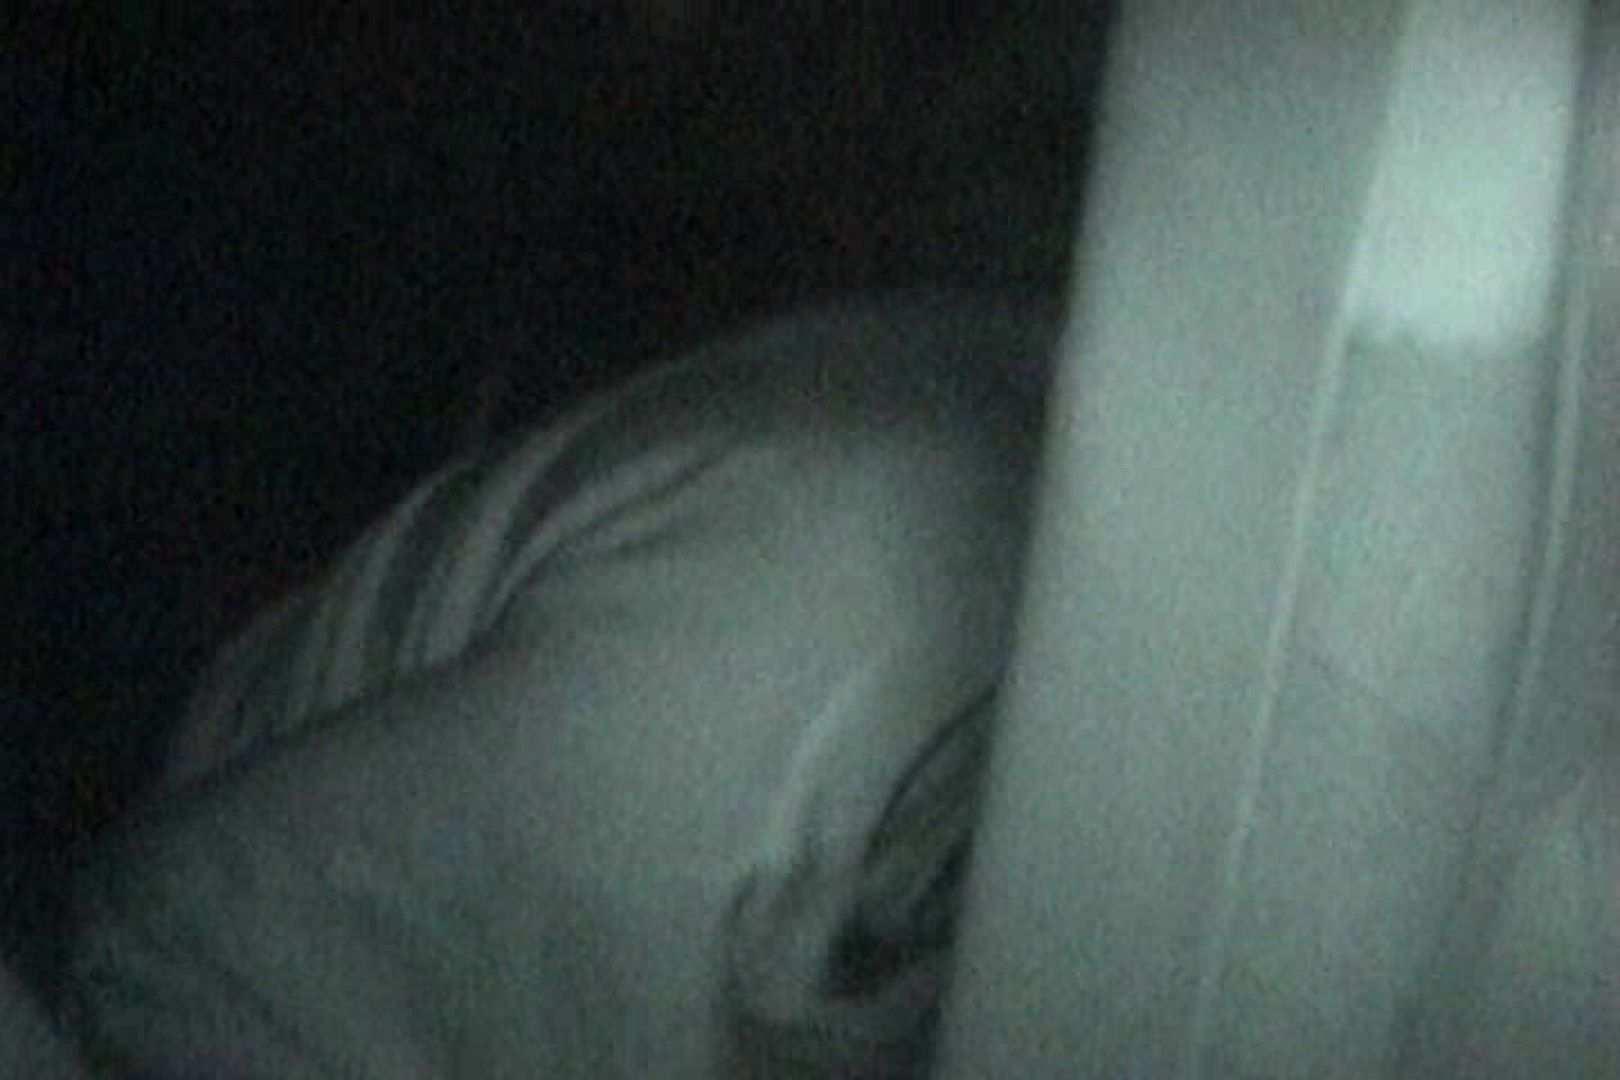 充血監督の深夜の運動会Vol.160 おまんこ ヌード画像 83pic 32